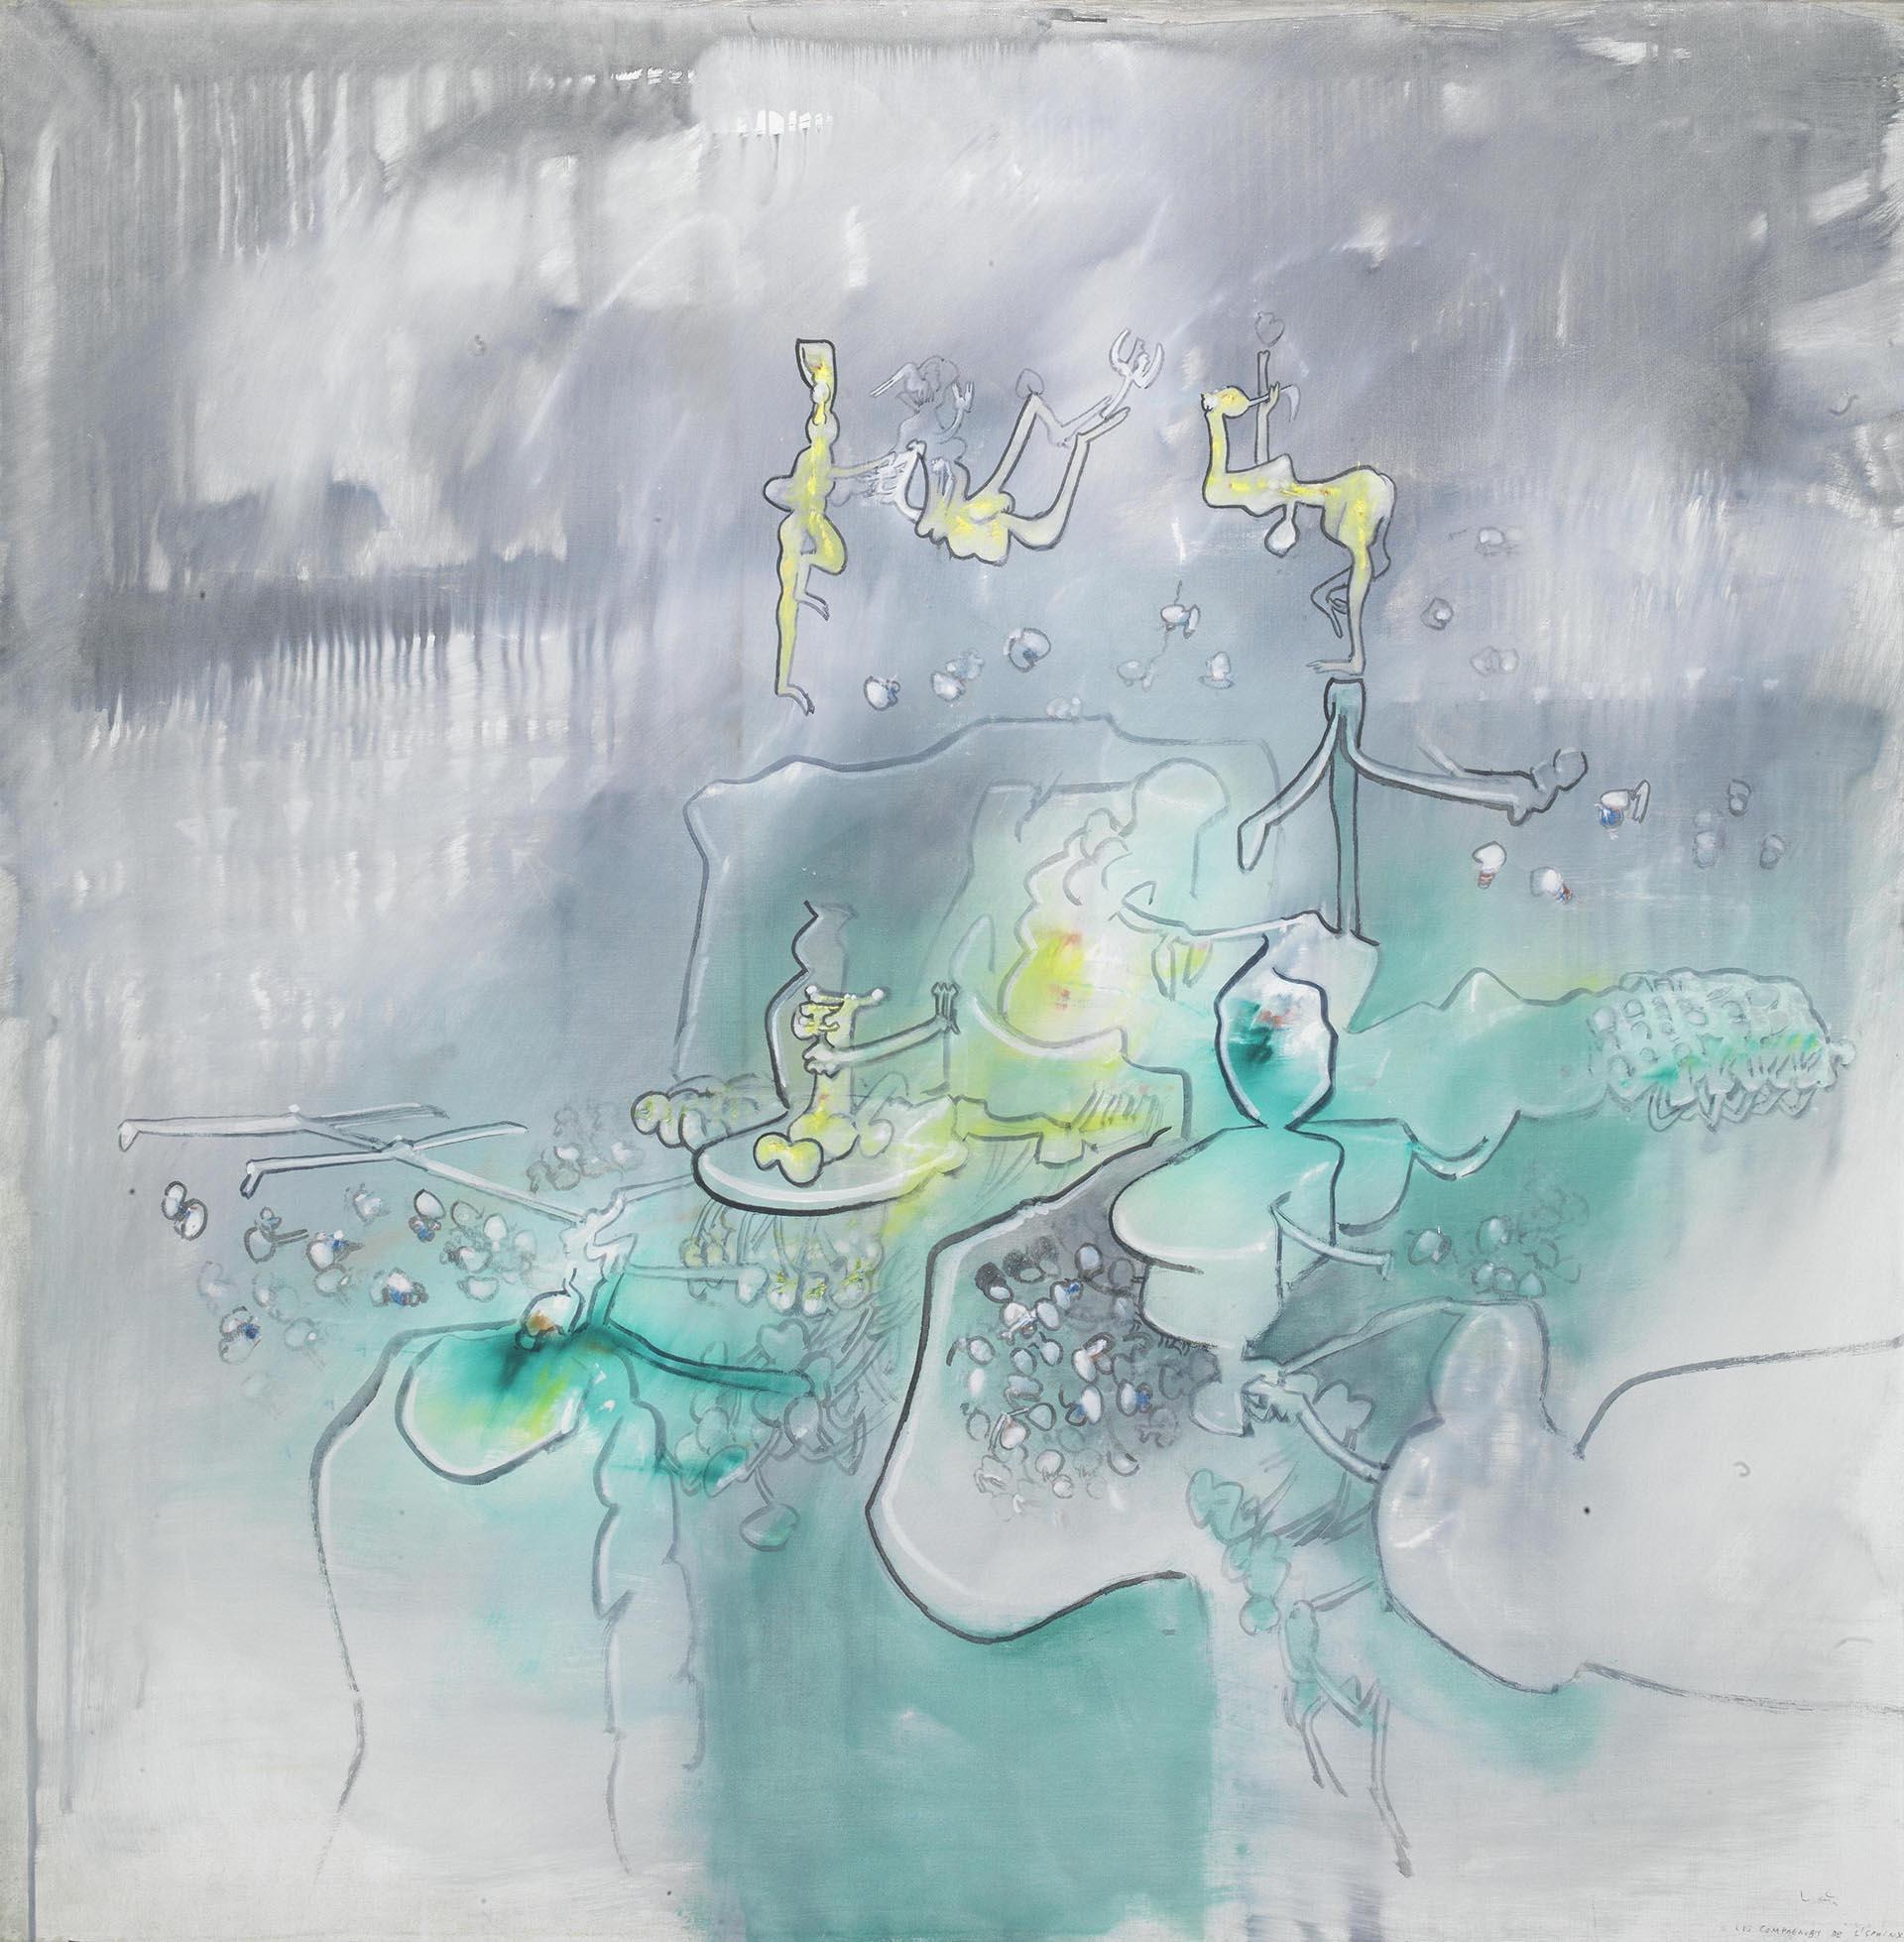 Matta, Les compagnons de l'Sphinx, 1967-68, 135x137 cm